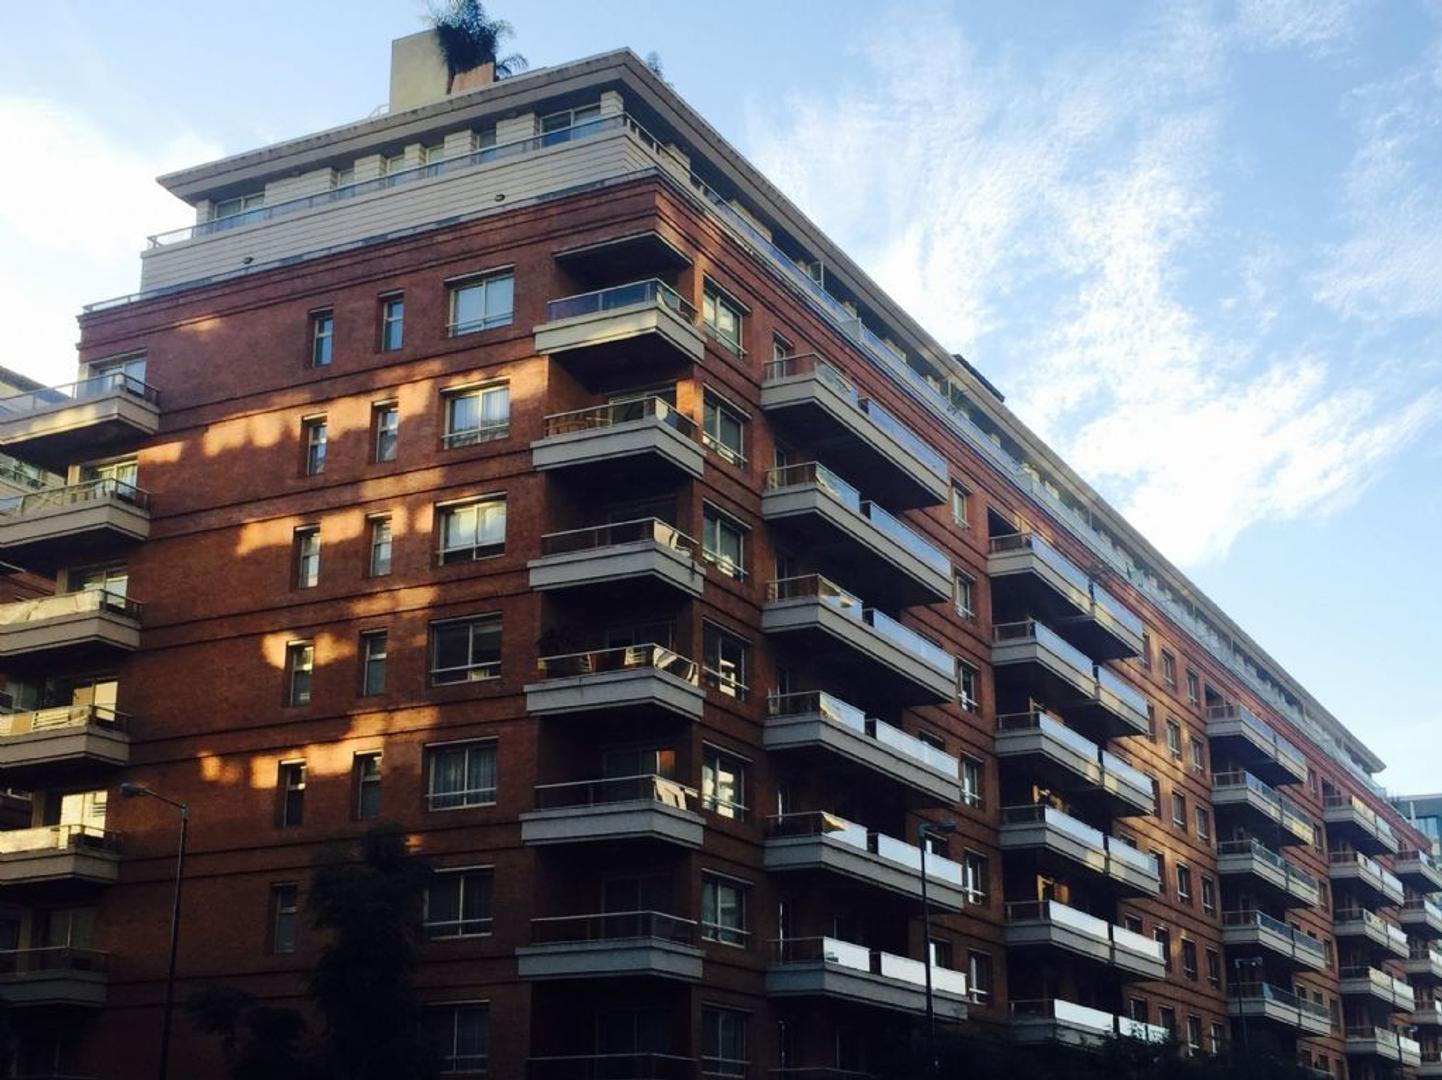 Departamento  en Alquiler ubicado en Puerto Madero, Capital Federal - MAD0423_LP20425_1